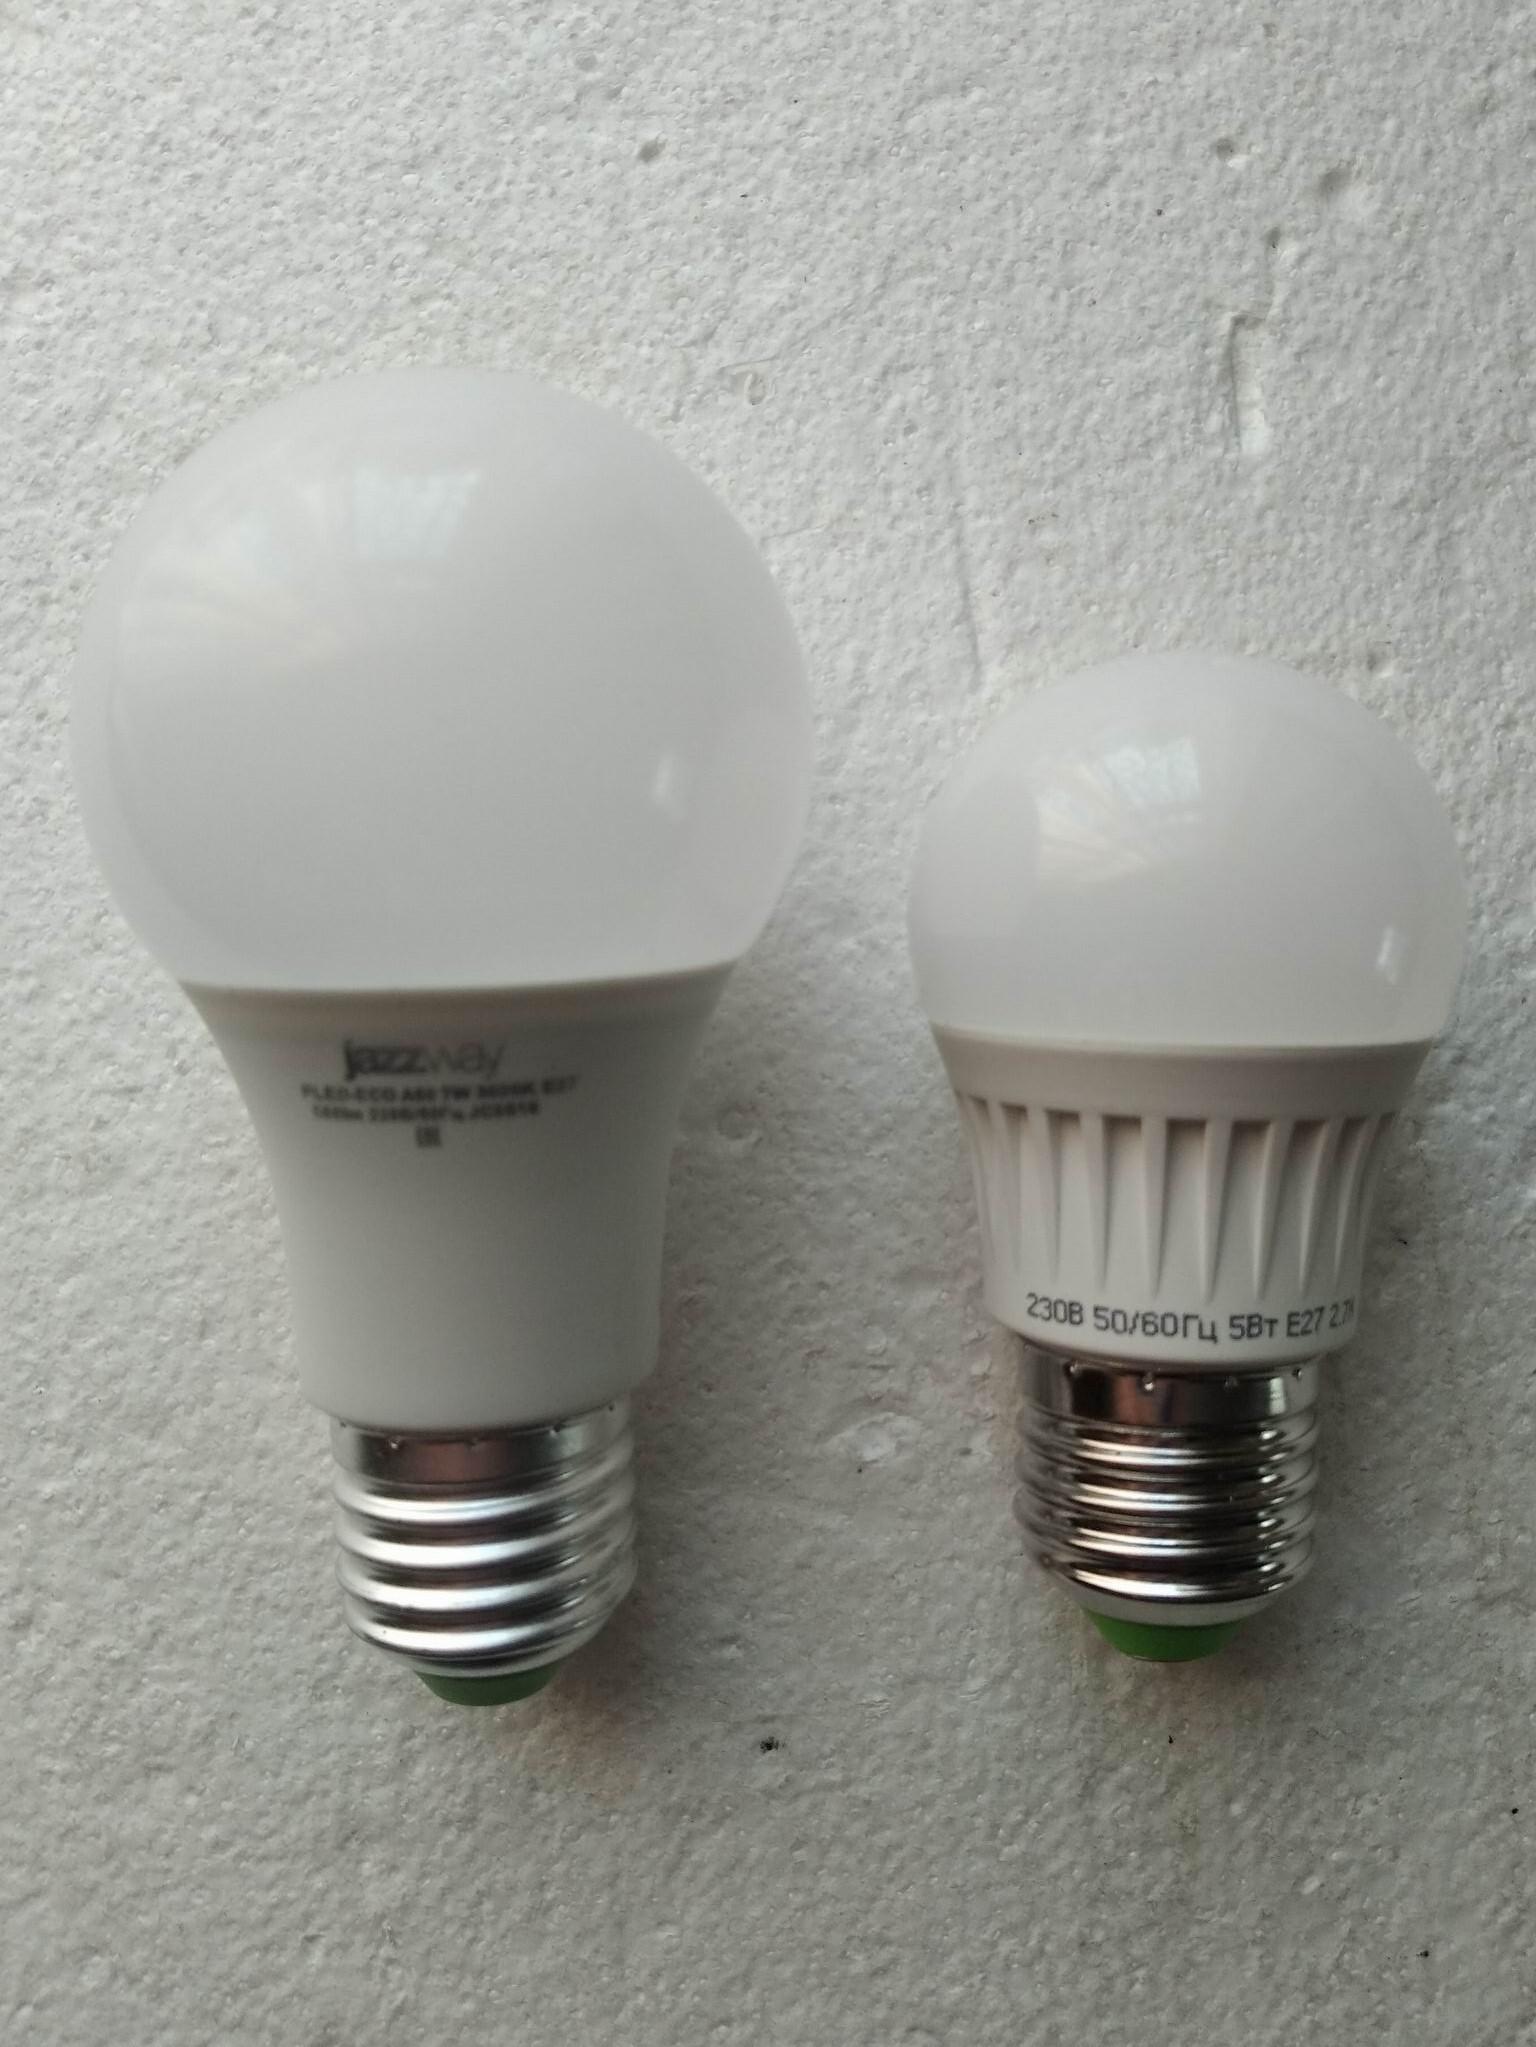 светодиодные лампочки из ближайшего магазина